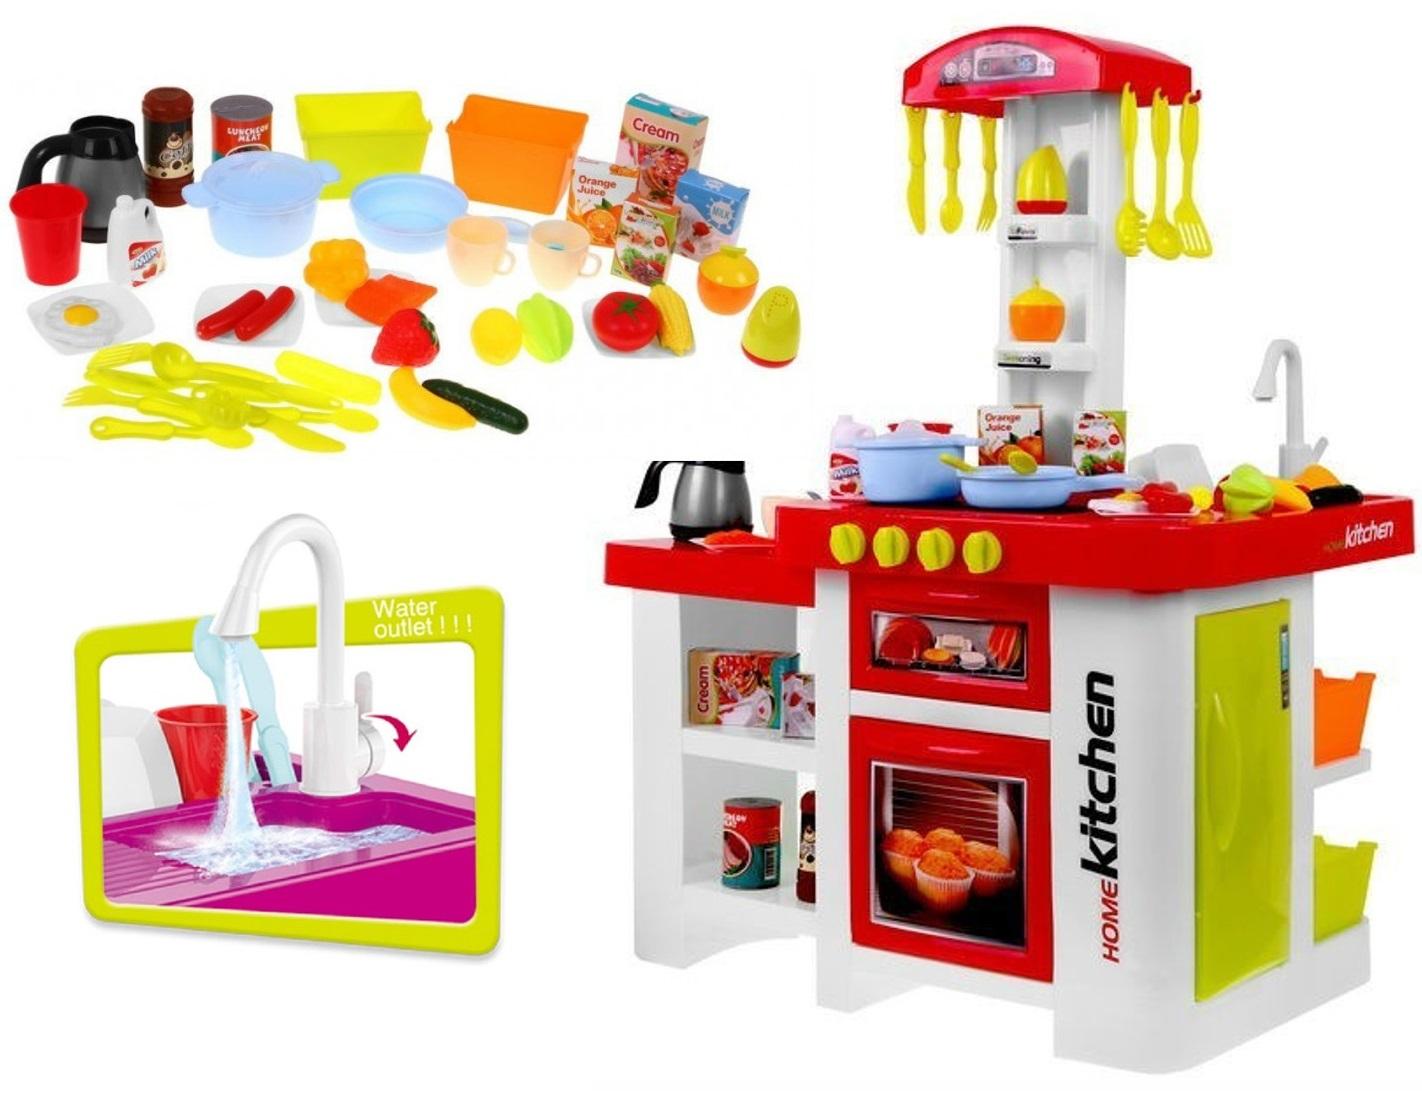 Kuchnia Dla Dzieci Duza Kuchenka Kran Woda Dzwiek 7187490797